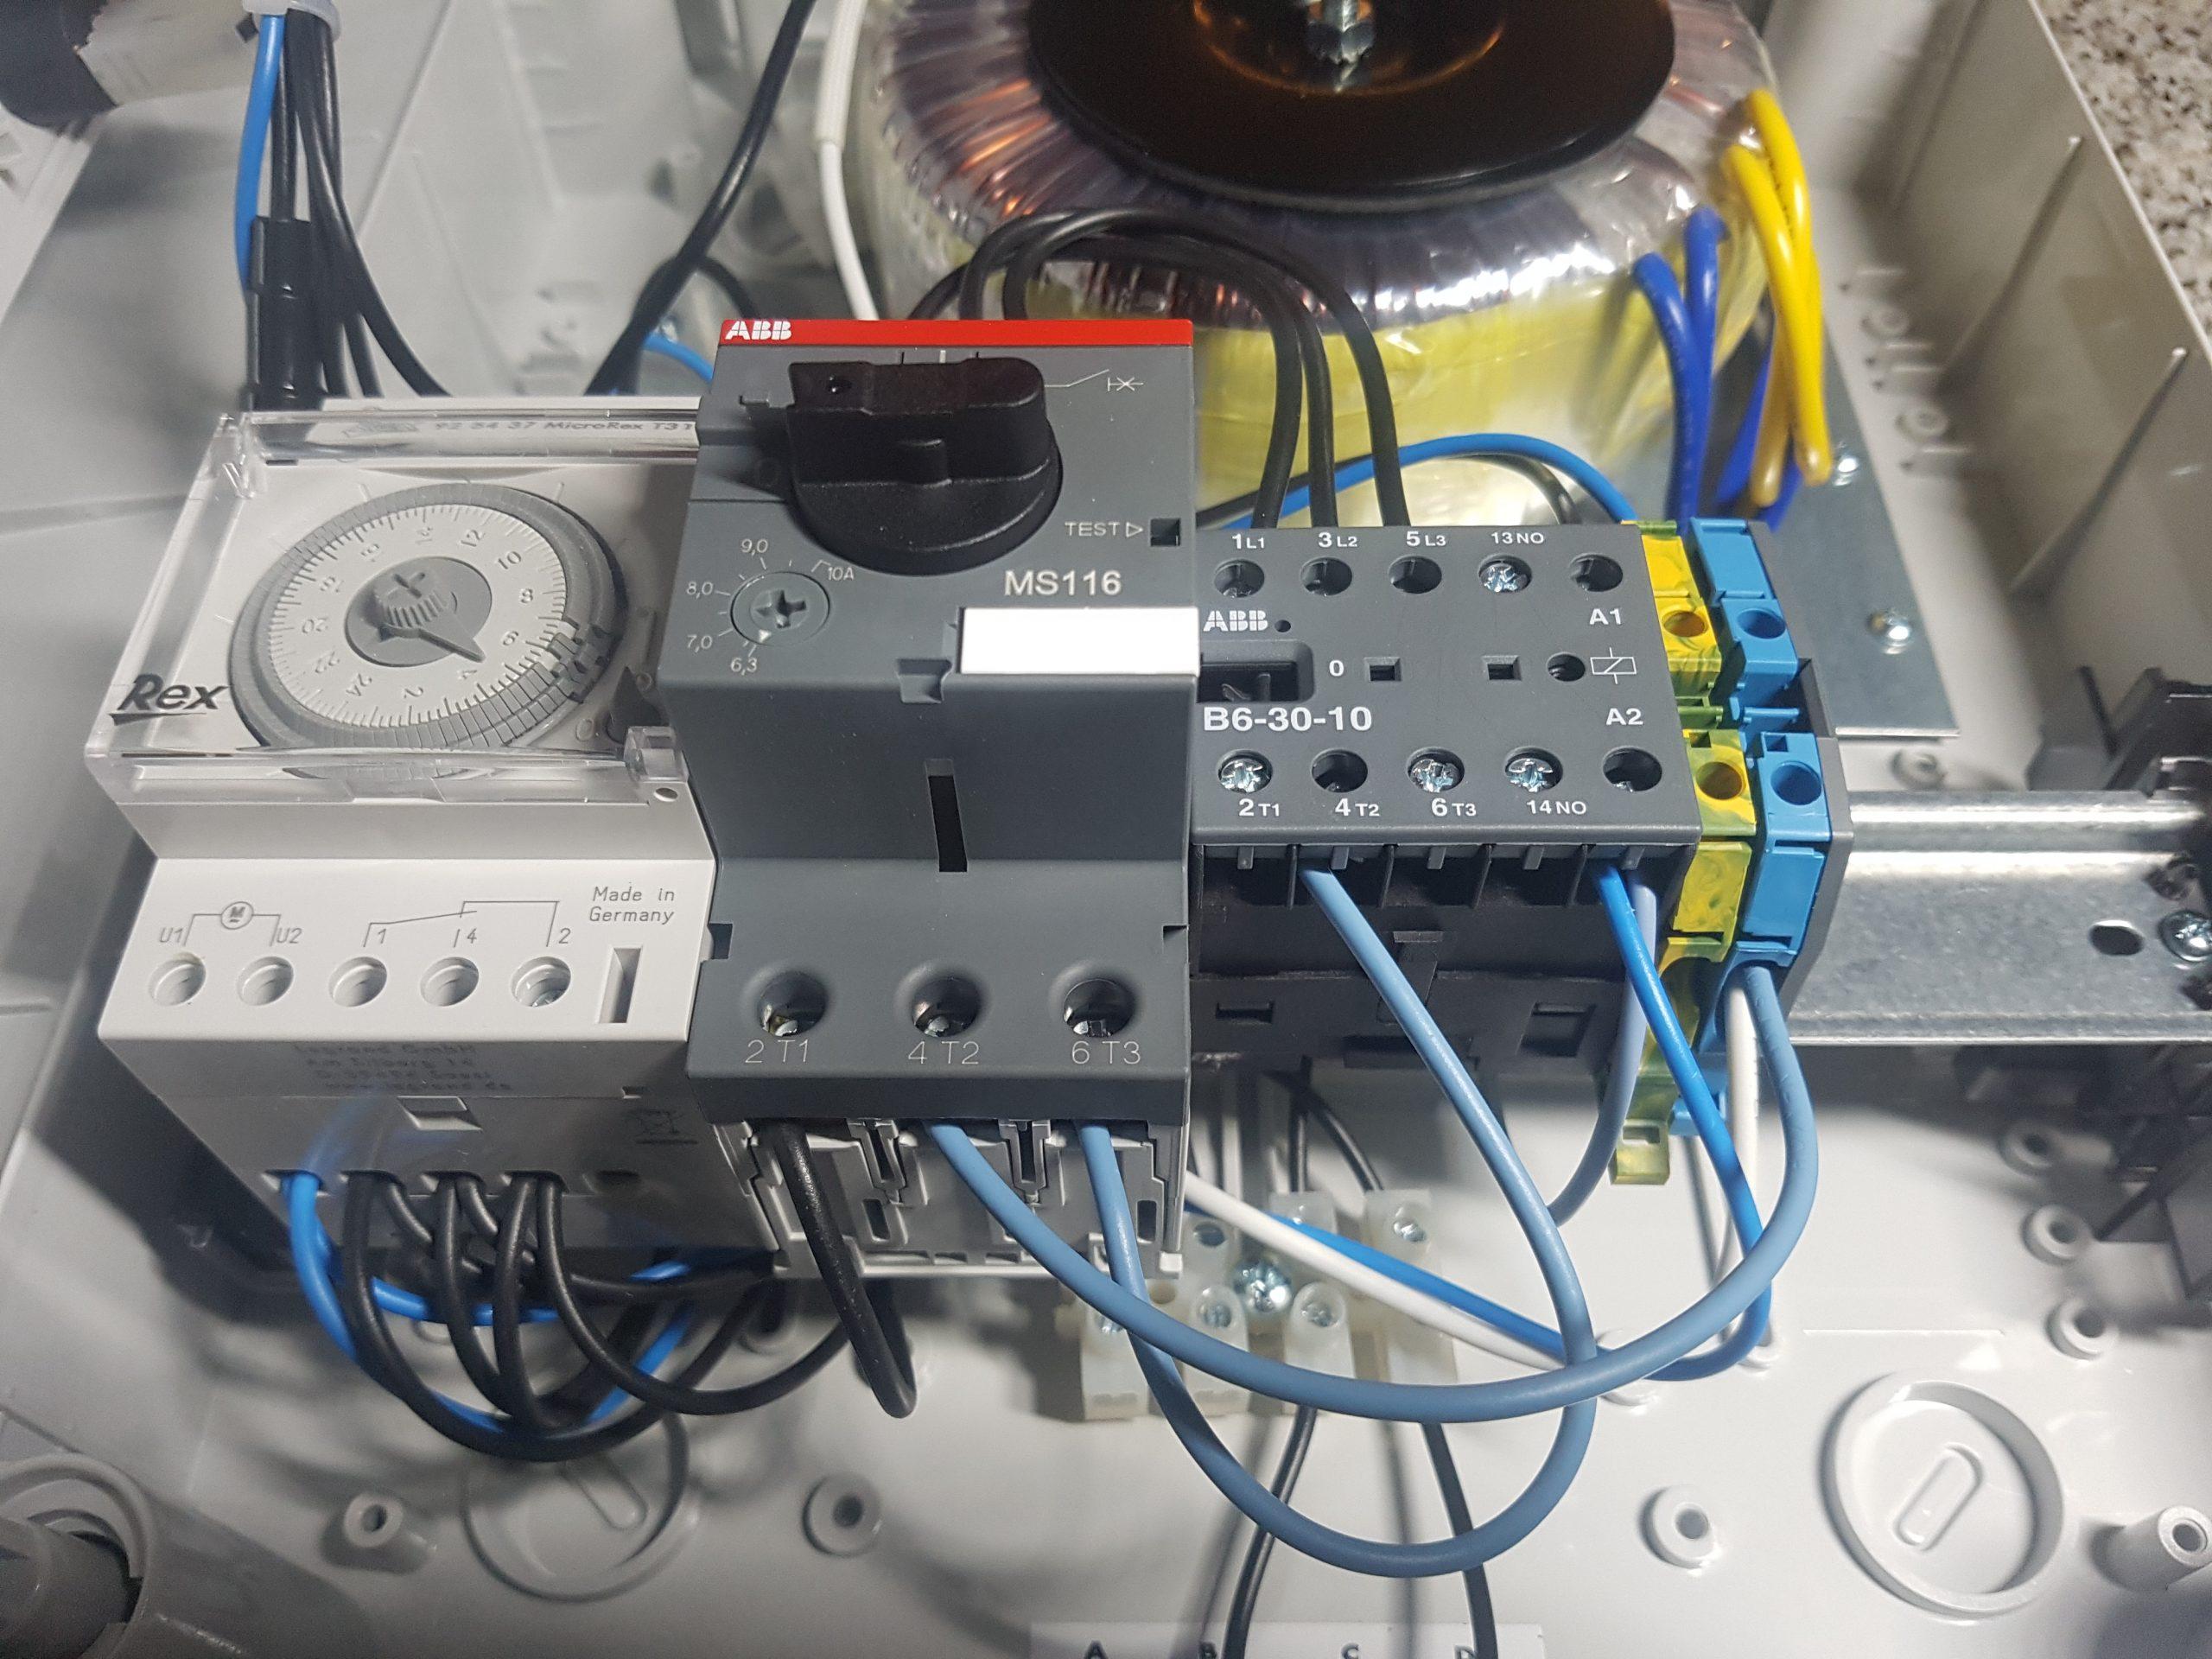 Aide Pour Câblage Coffret Ccei + Pac | Piscines Construction tout Coffret Piscine